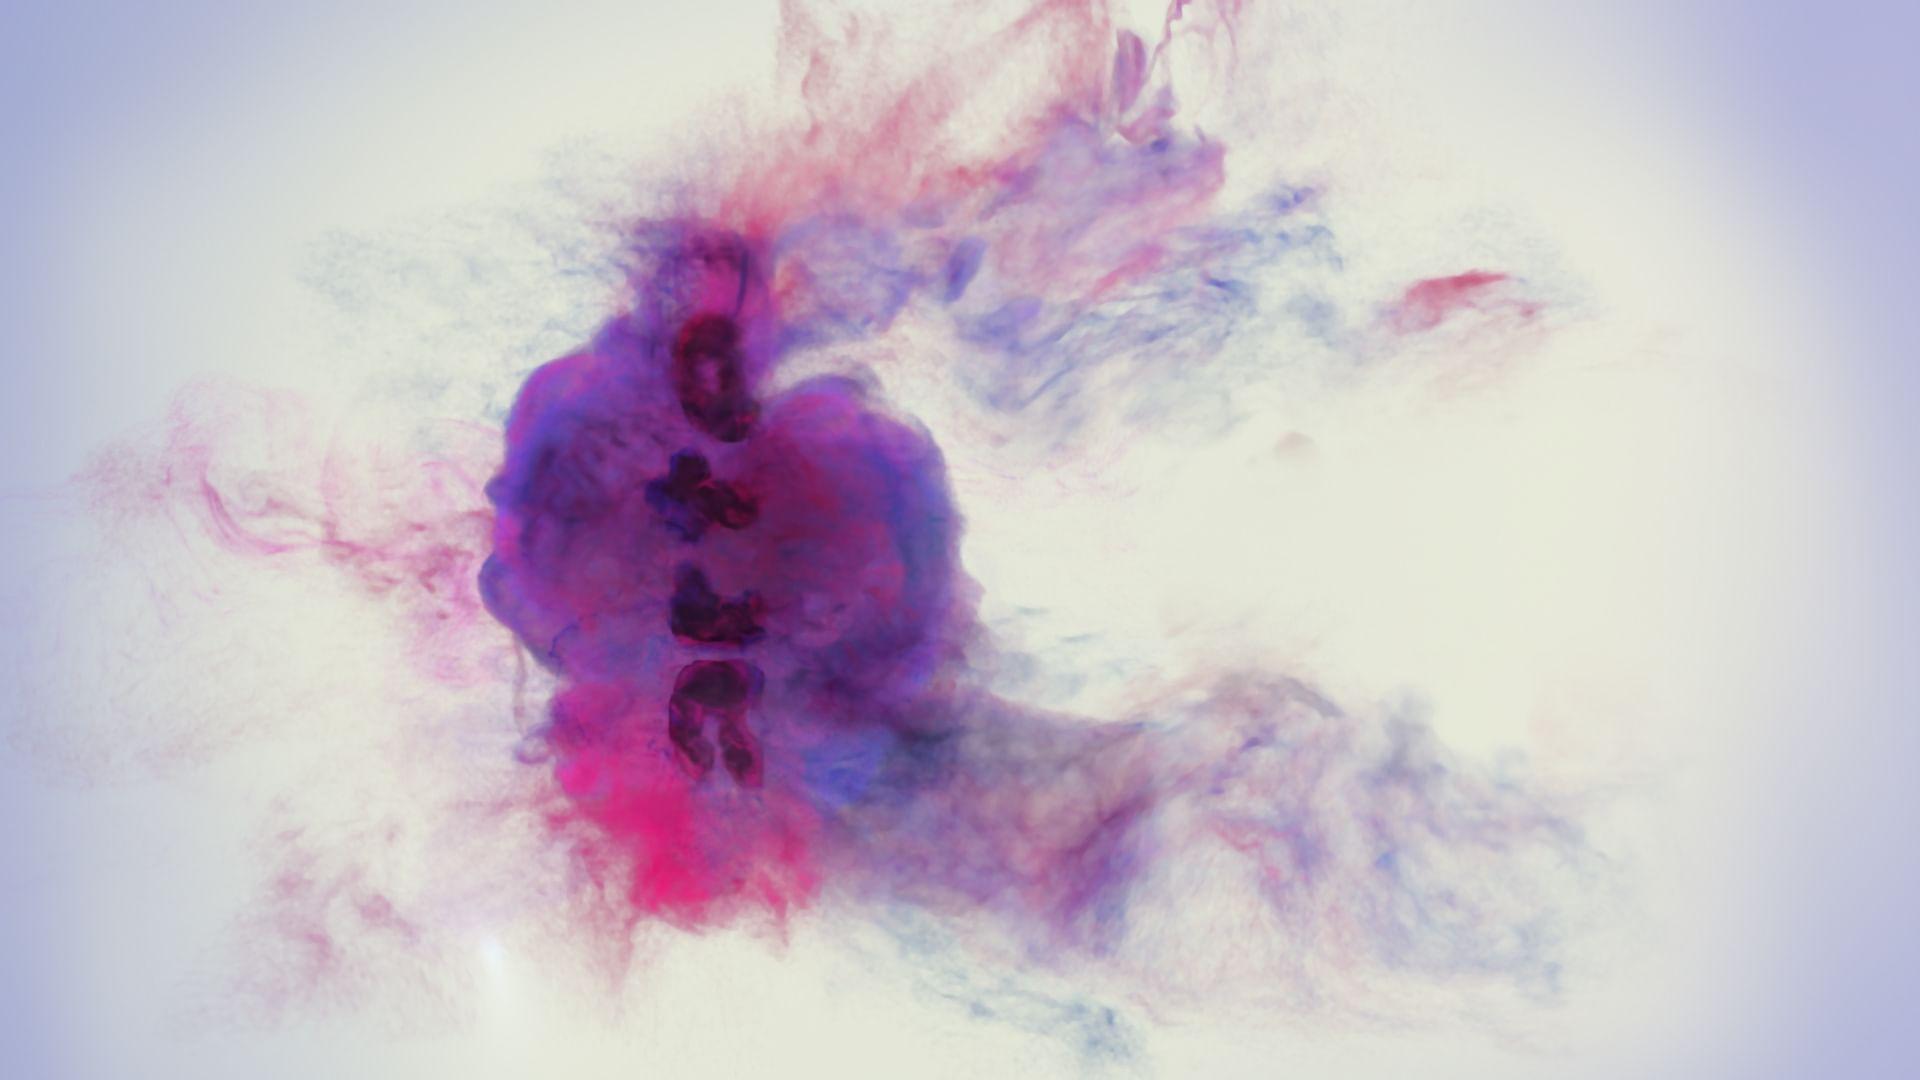 Flüchtlinge: Wie die EU Italien im Stich lässt